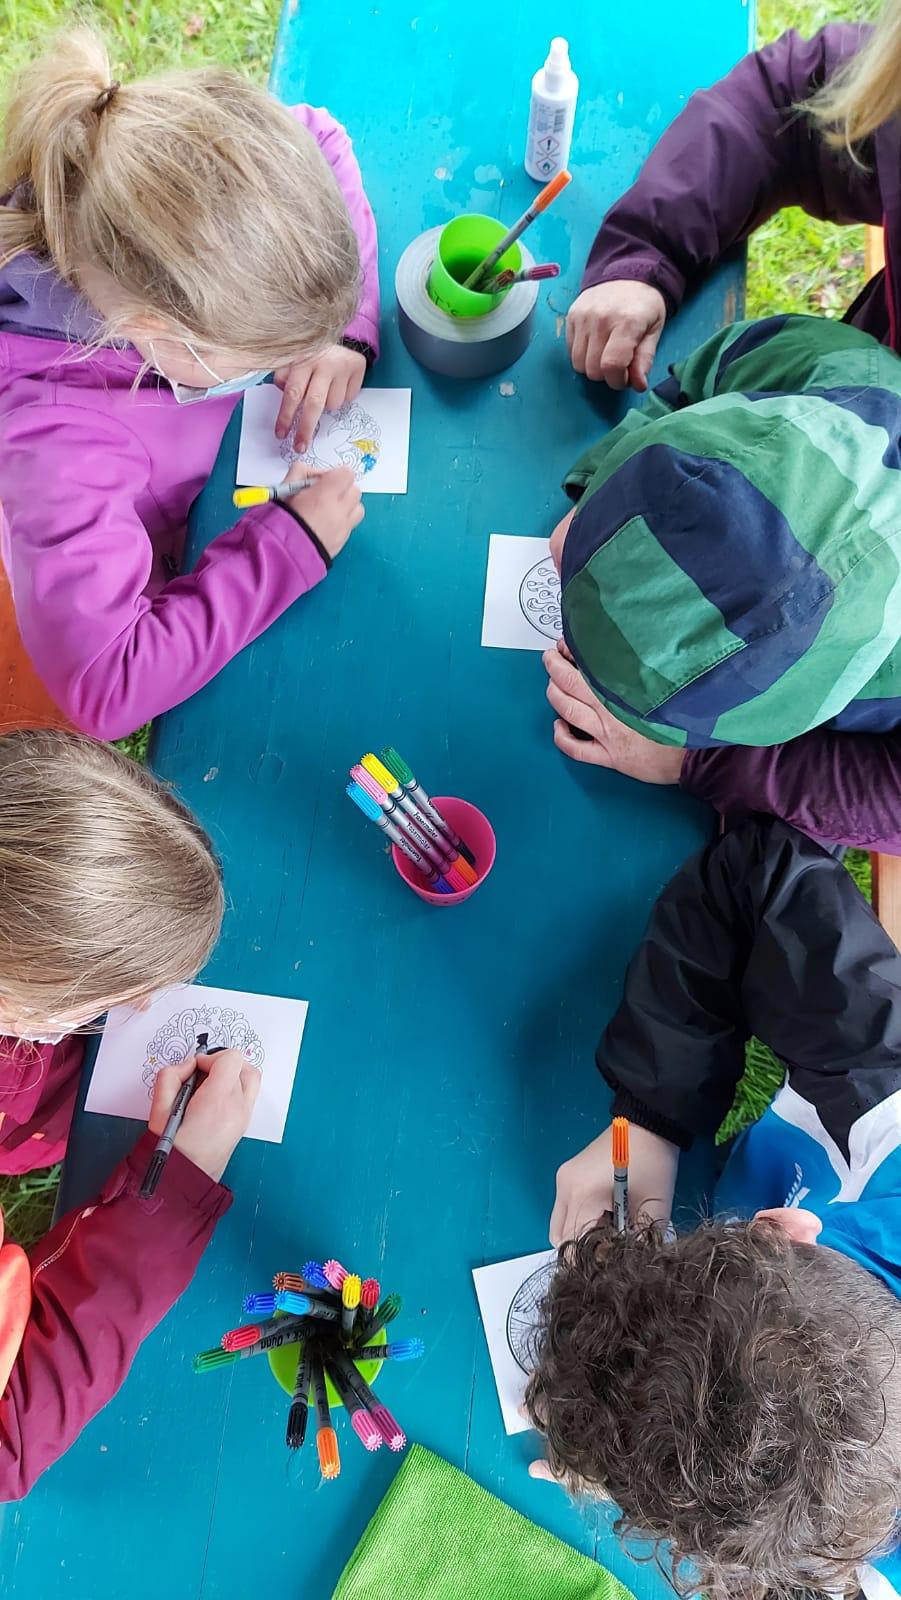 Blick von oben auf einen Tisch, an dem Kinder Bilder ausmalen